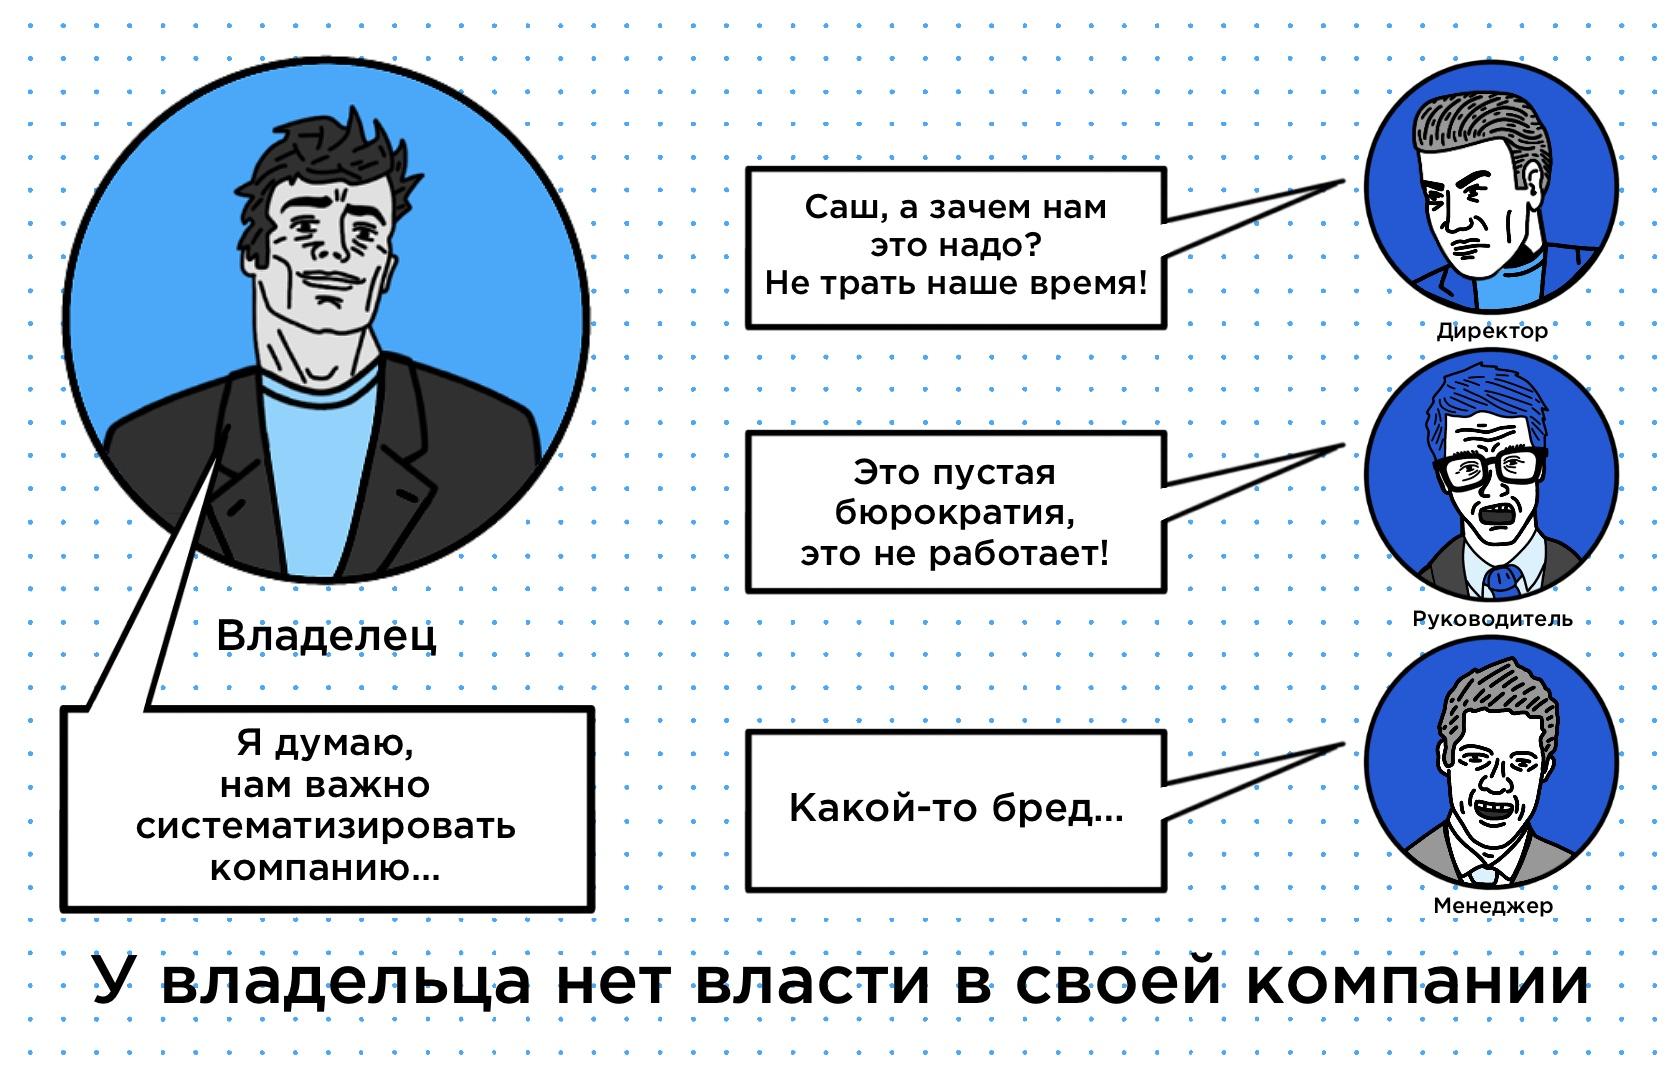 Bgtr1 2.jpg